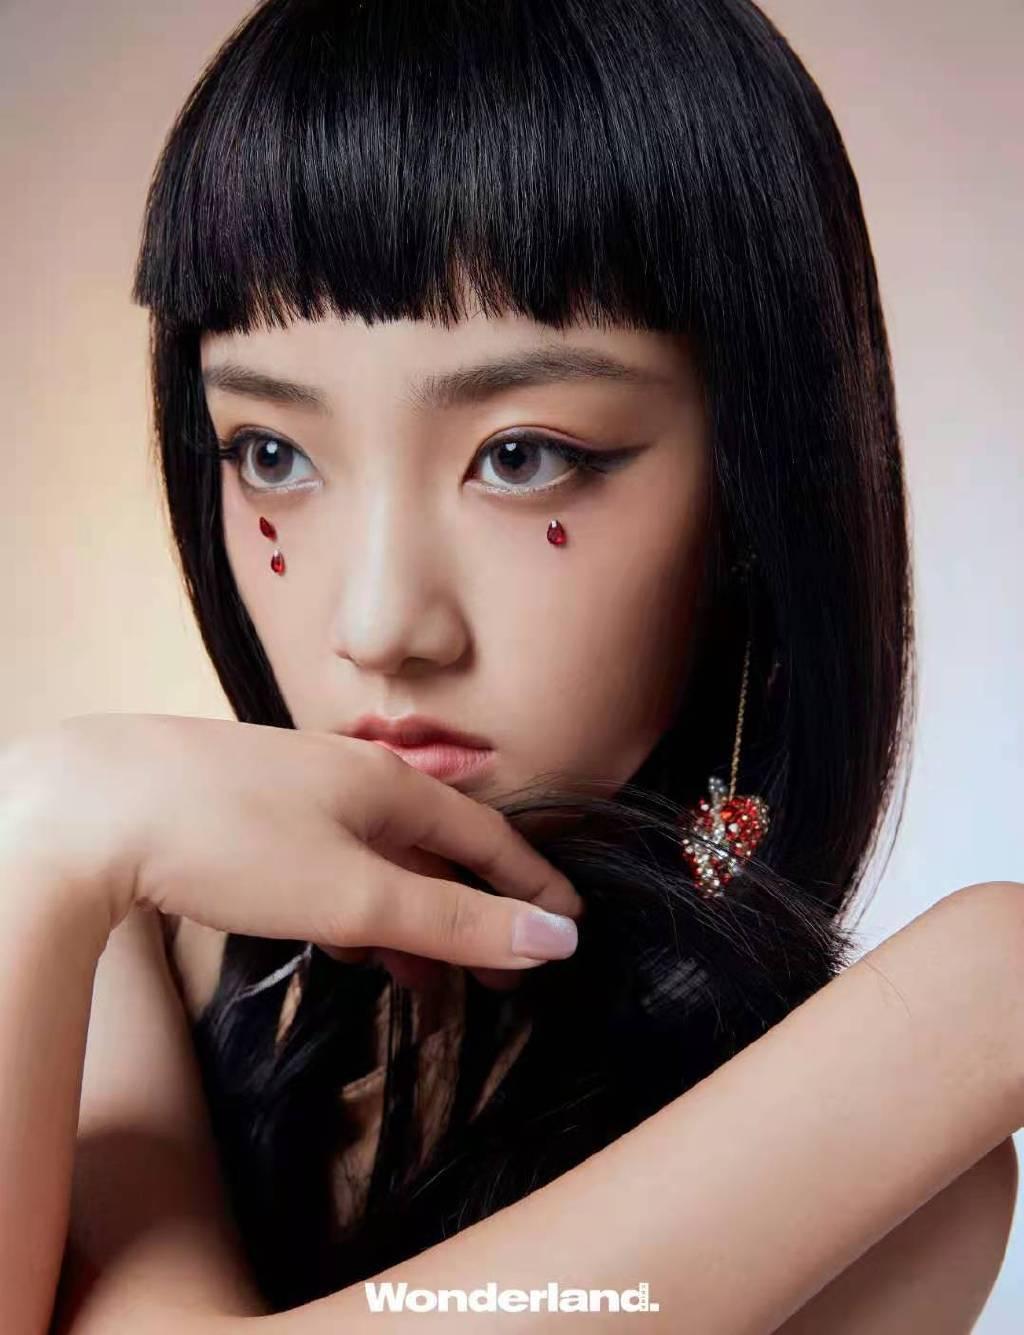 吴佳怡齐刘海发型清新养眼写真美照